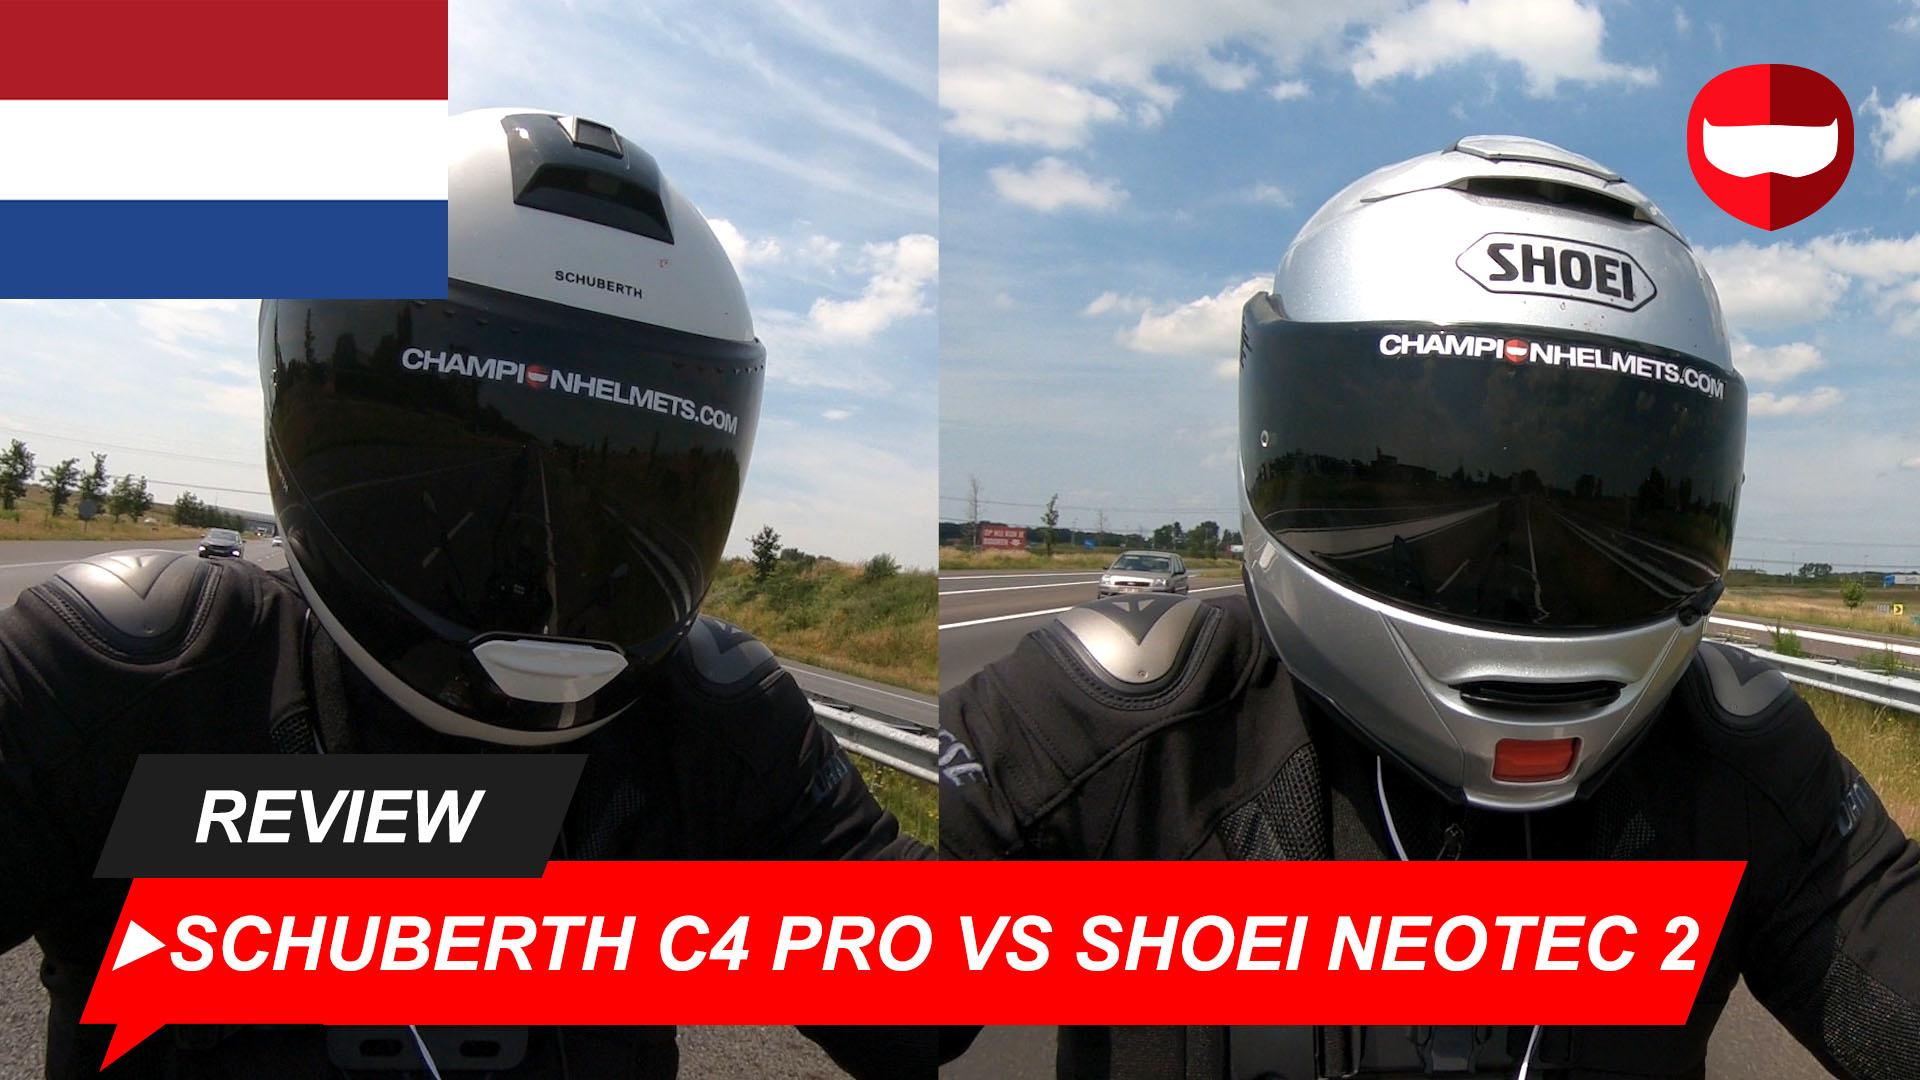 Schuberth C4 Pro vs Shoei Neotec 2 Rij Test + Video